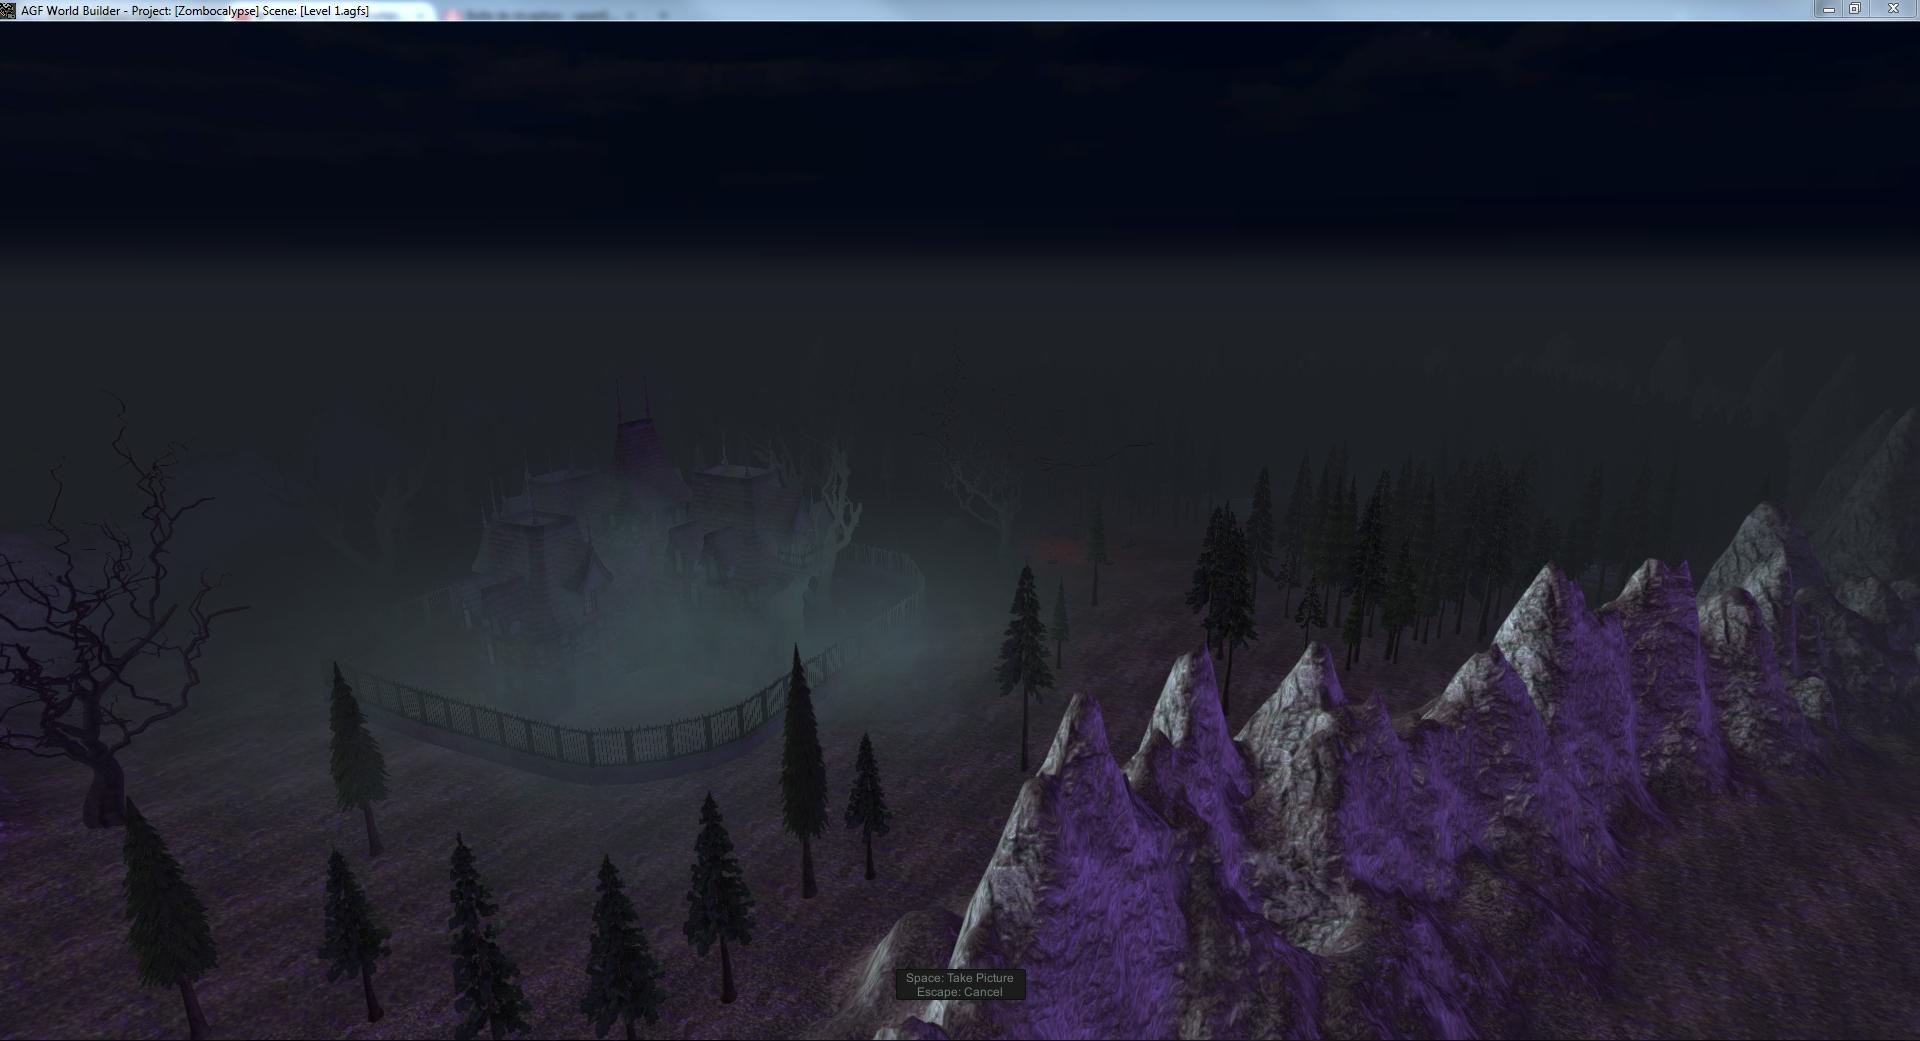 Zombocalypse 3D